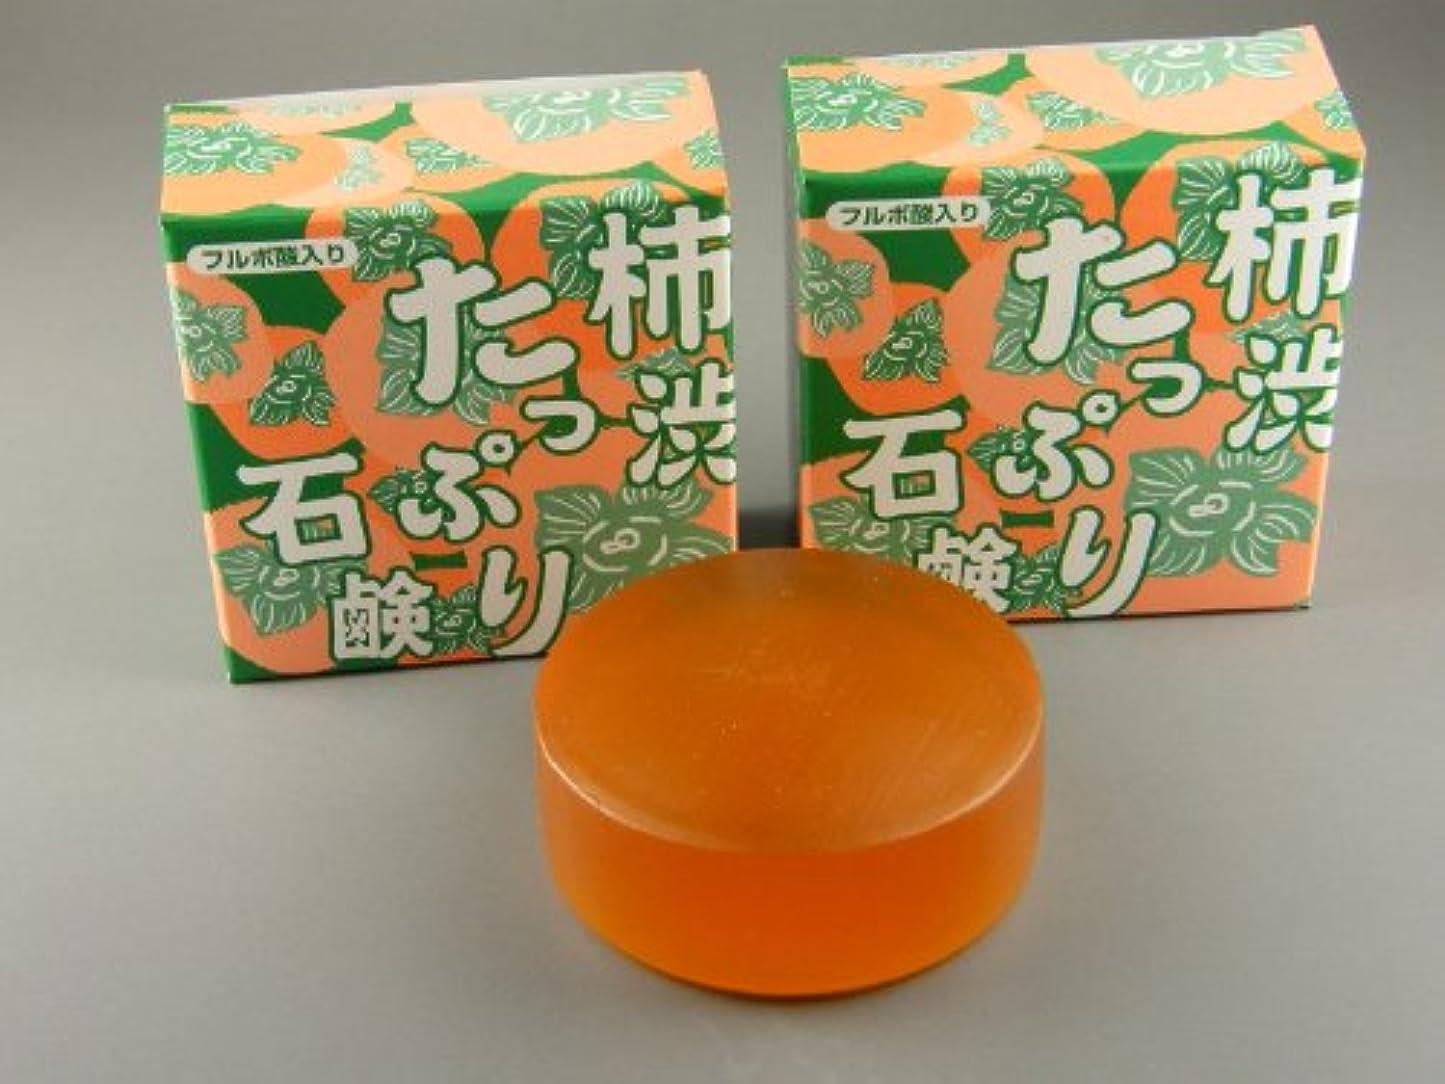 亡命圧縮された砂柿渋たっぷり石鹸 お得な3個パック(フルボ酸入り)